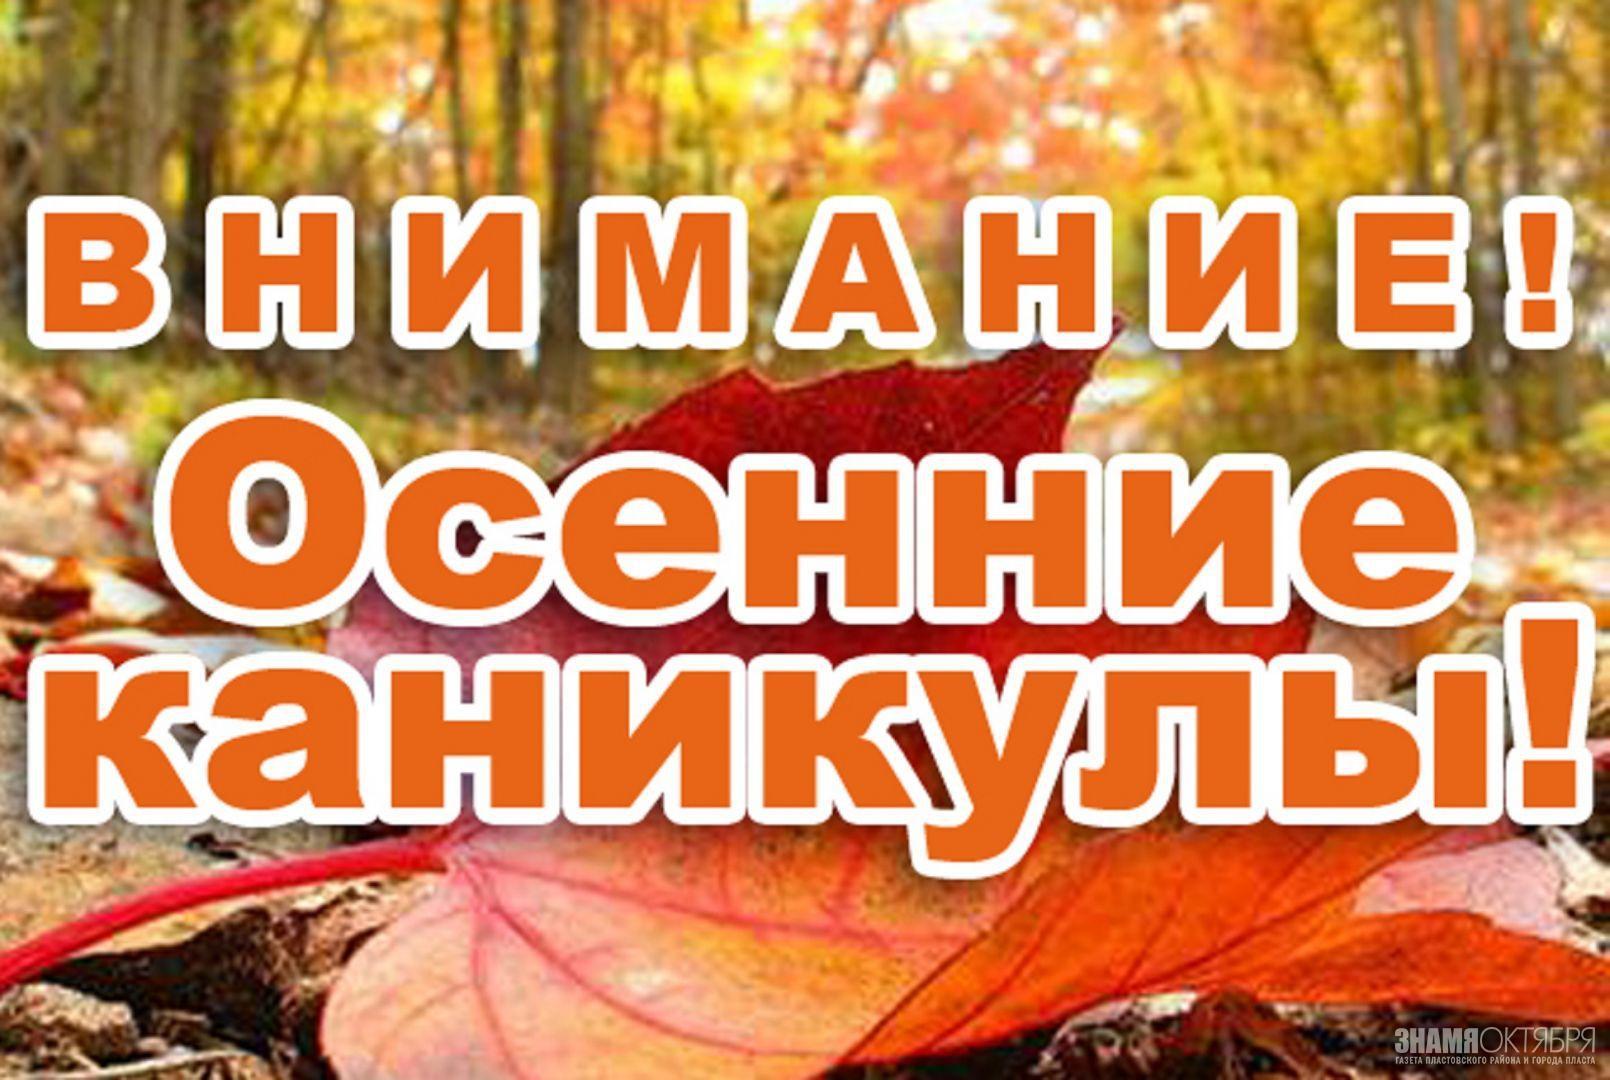 Профилактическое мероприятие «Осенние каникулы»